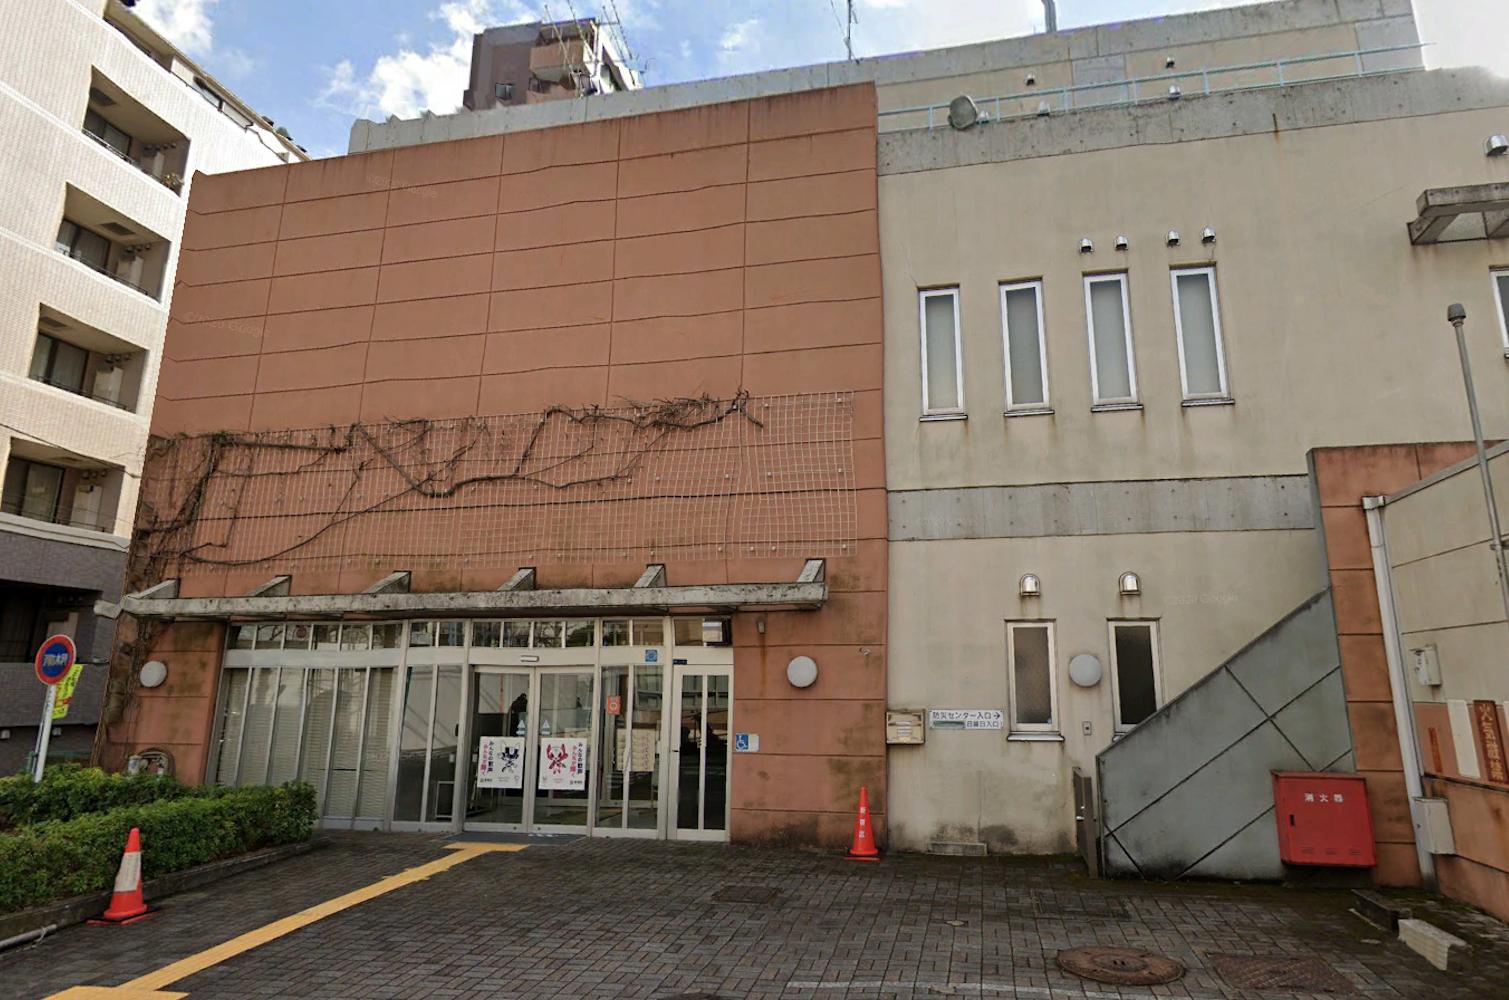 03-20-1新宿区榎町高齢者総合相談センター(R3.4.1).jpg